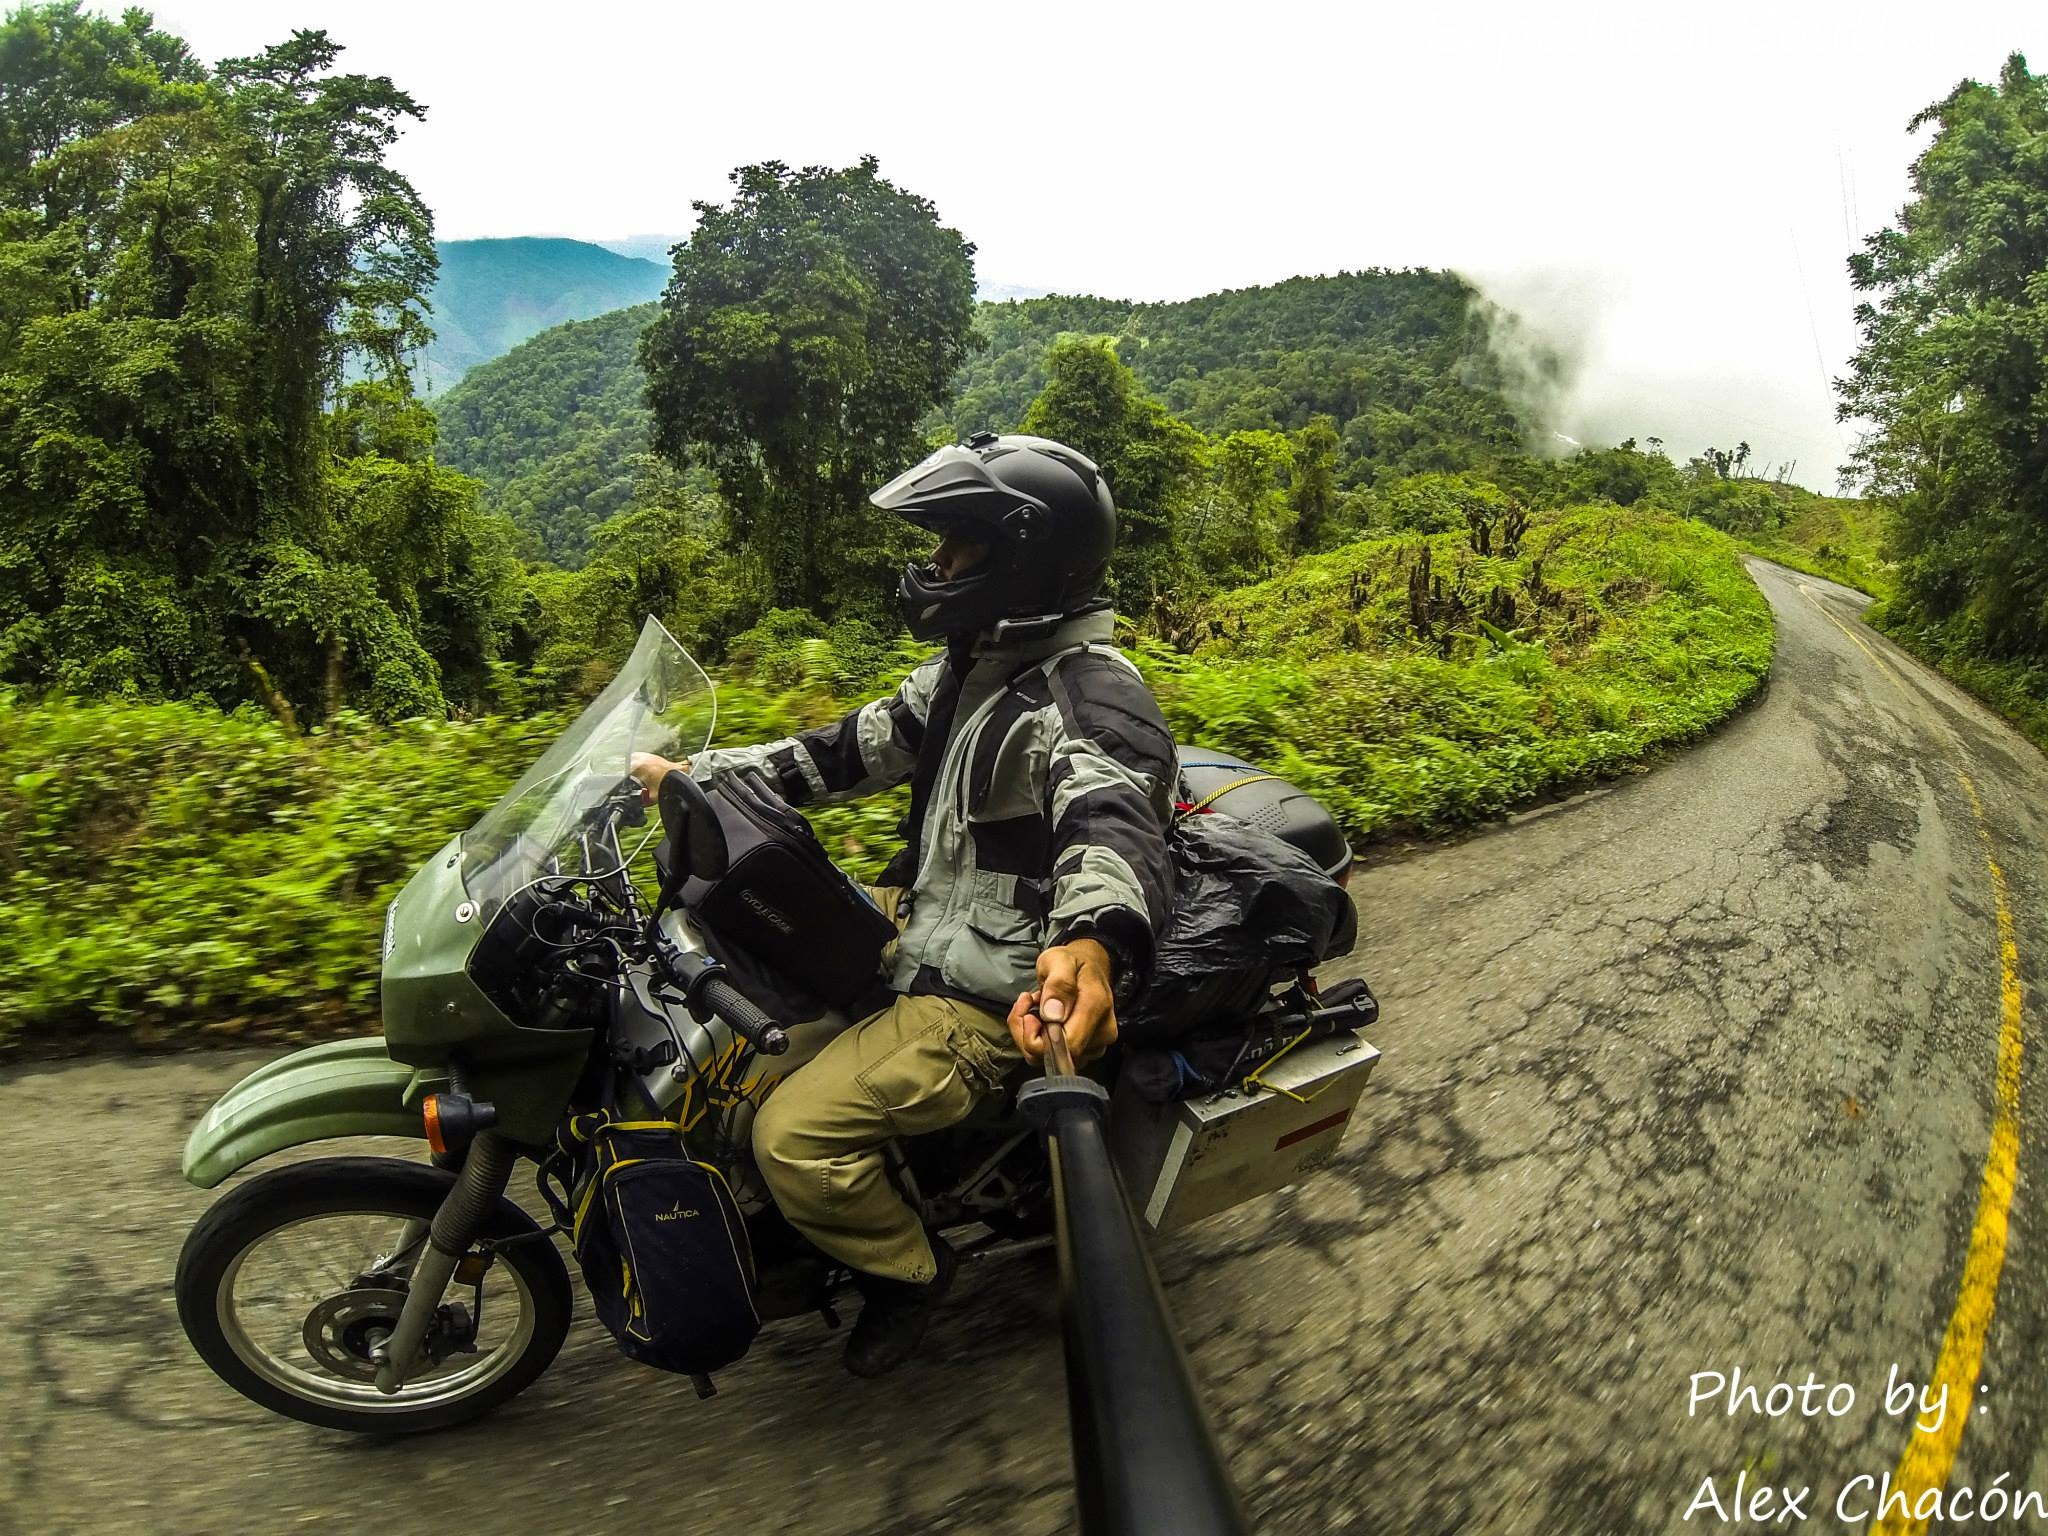 Alex Chacon, un périple à moto en Amerique Latine